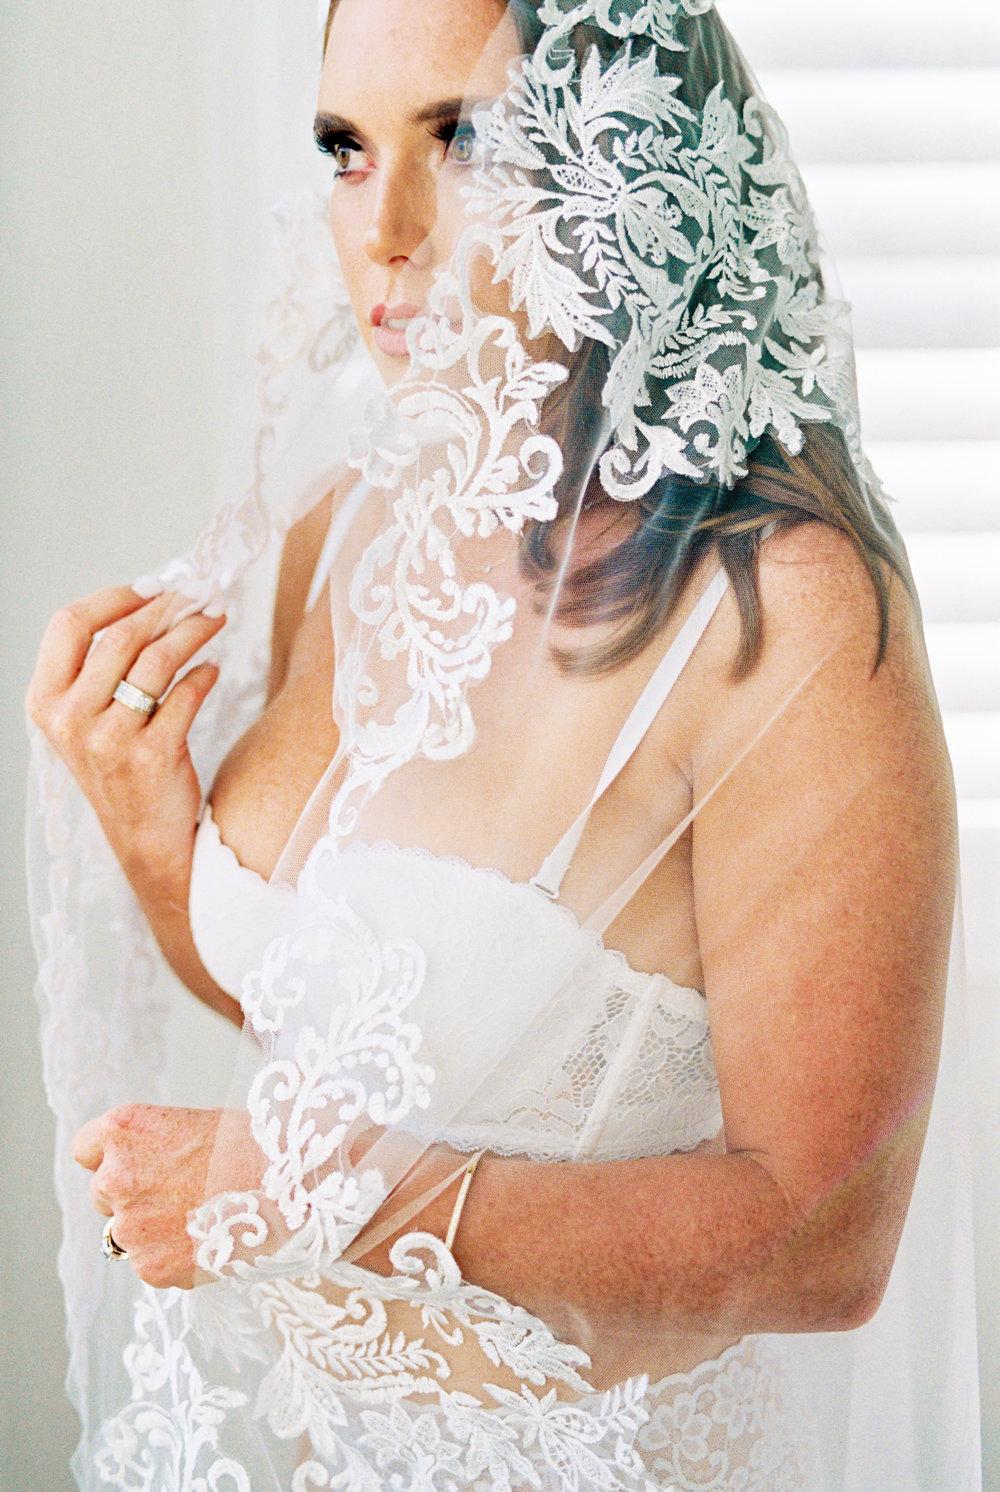 dennisroycoronel_bridal_boudoir_orangecounty_losangeles_photographer-48.jpg